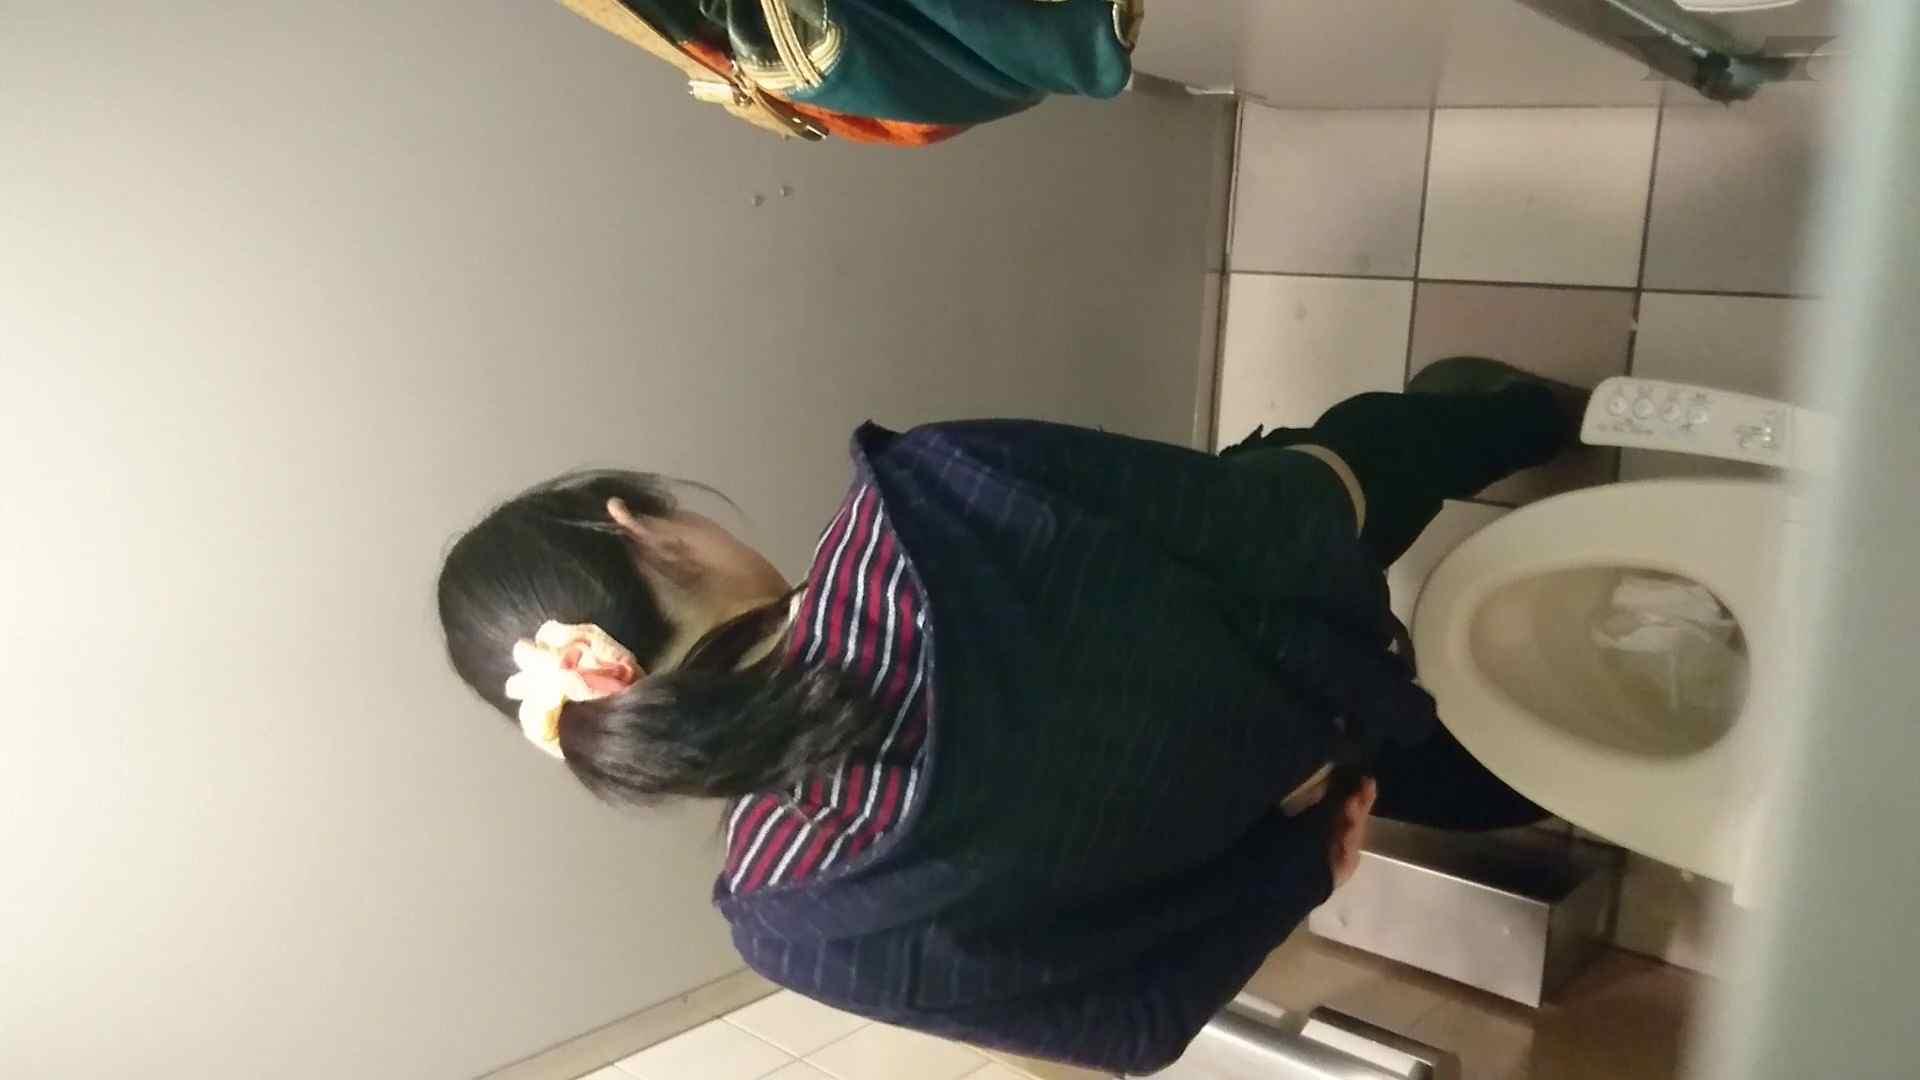 化粧室絵巻 ショッピングモール編 VOL.16 丸見え  59PIX 13